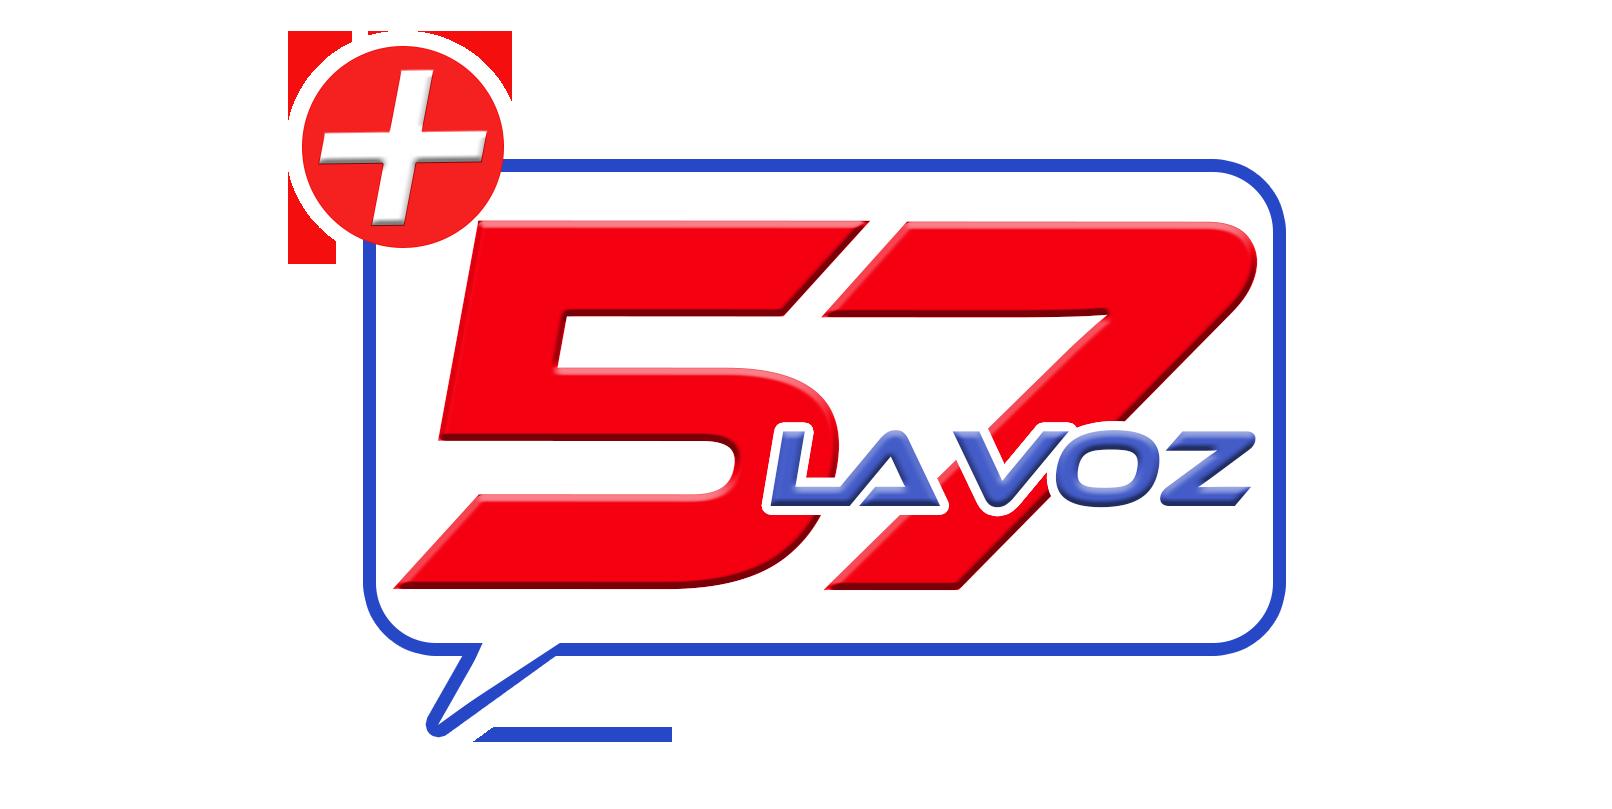 Mas 57 La Voz